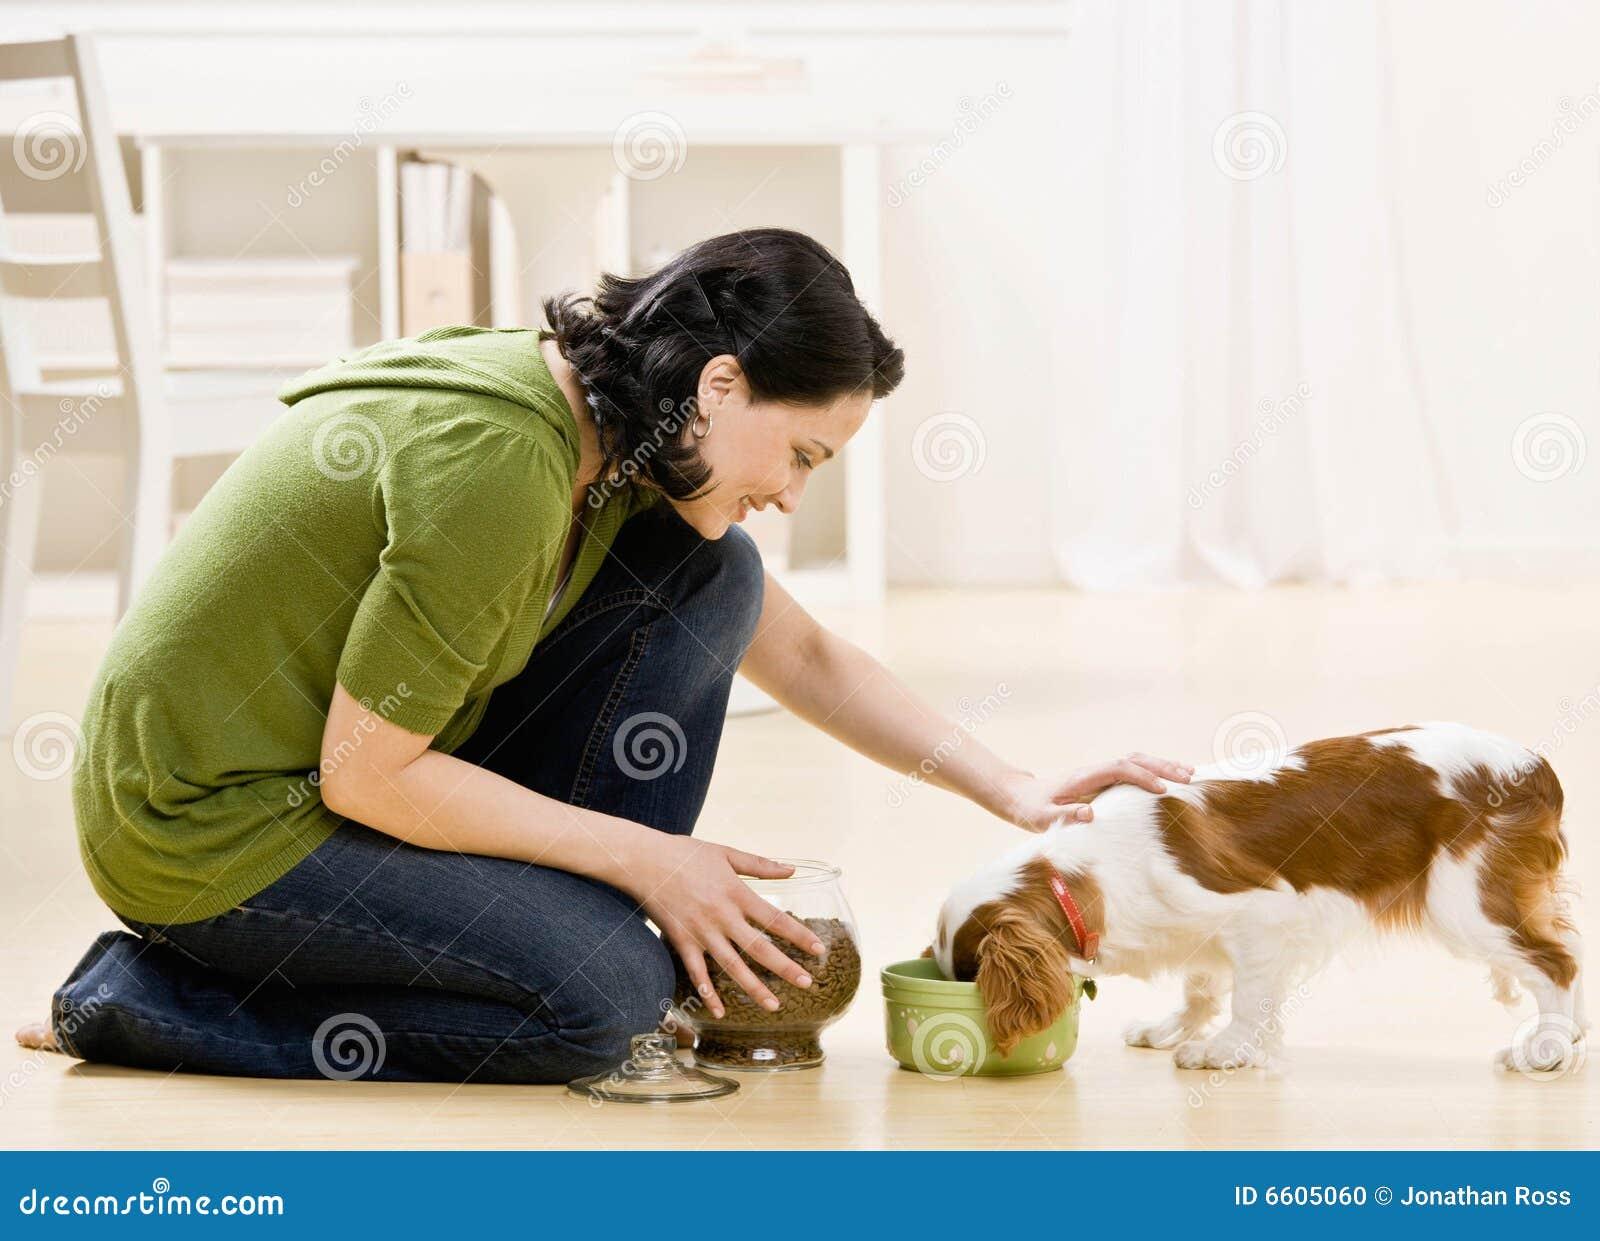 Woman Feeding Dog Stock Photo Image 6605060